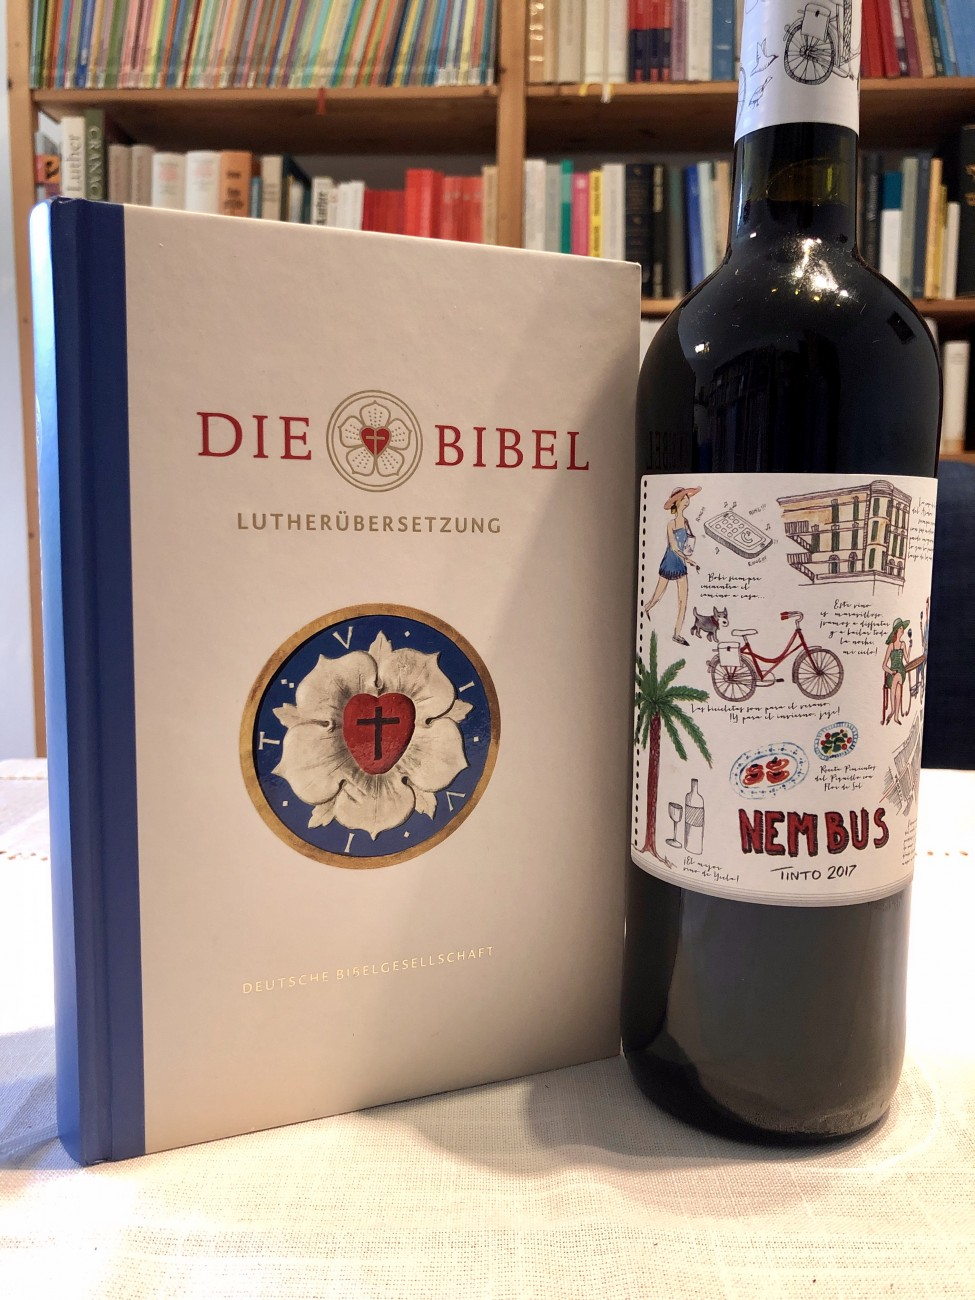 Eine Lutherbibel und eine Flasche Rotwein